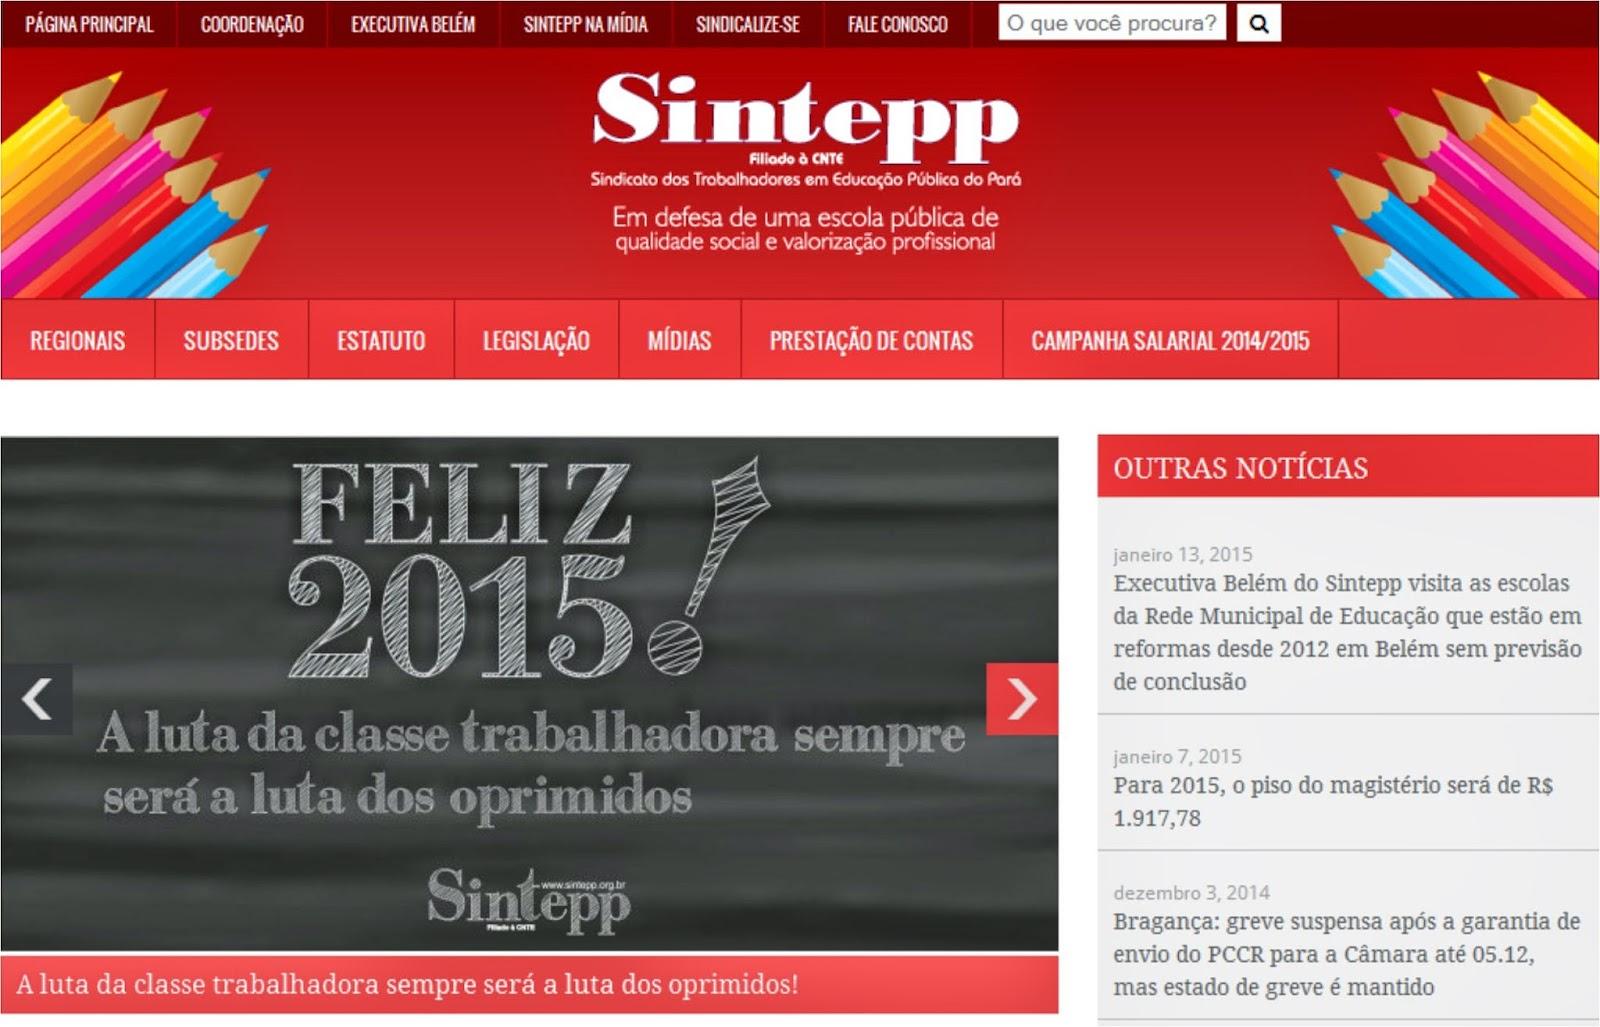 www.sintepp.org.br